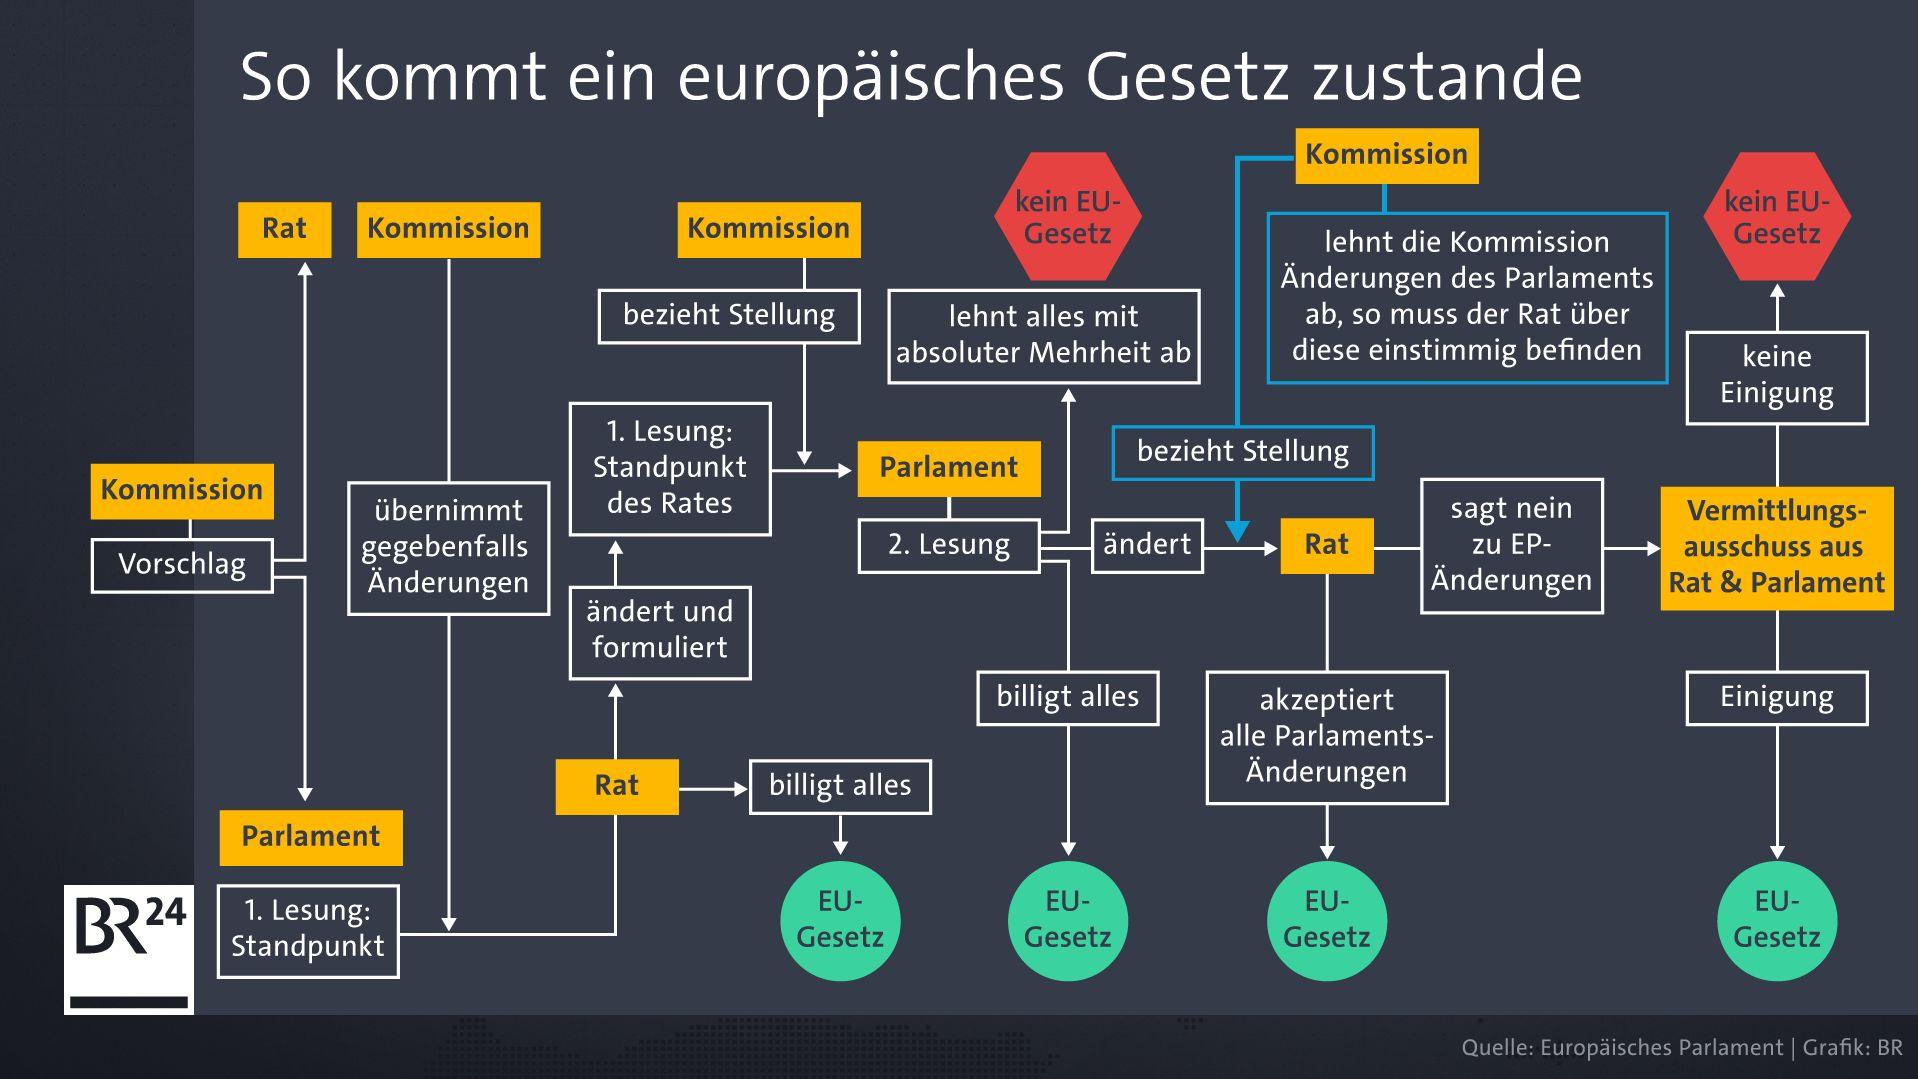 So kommt ein europäisches Gesetz zustande